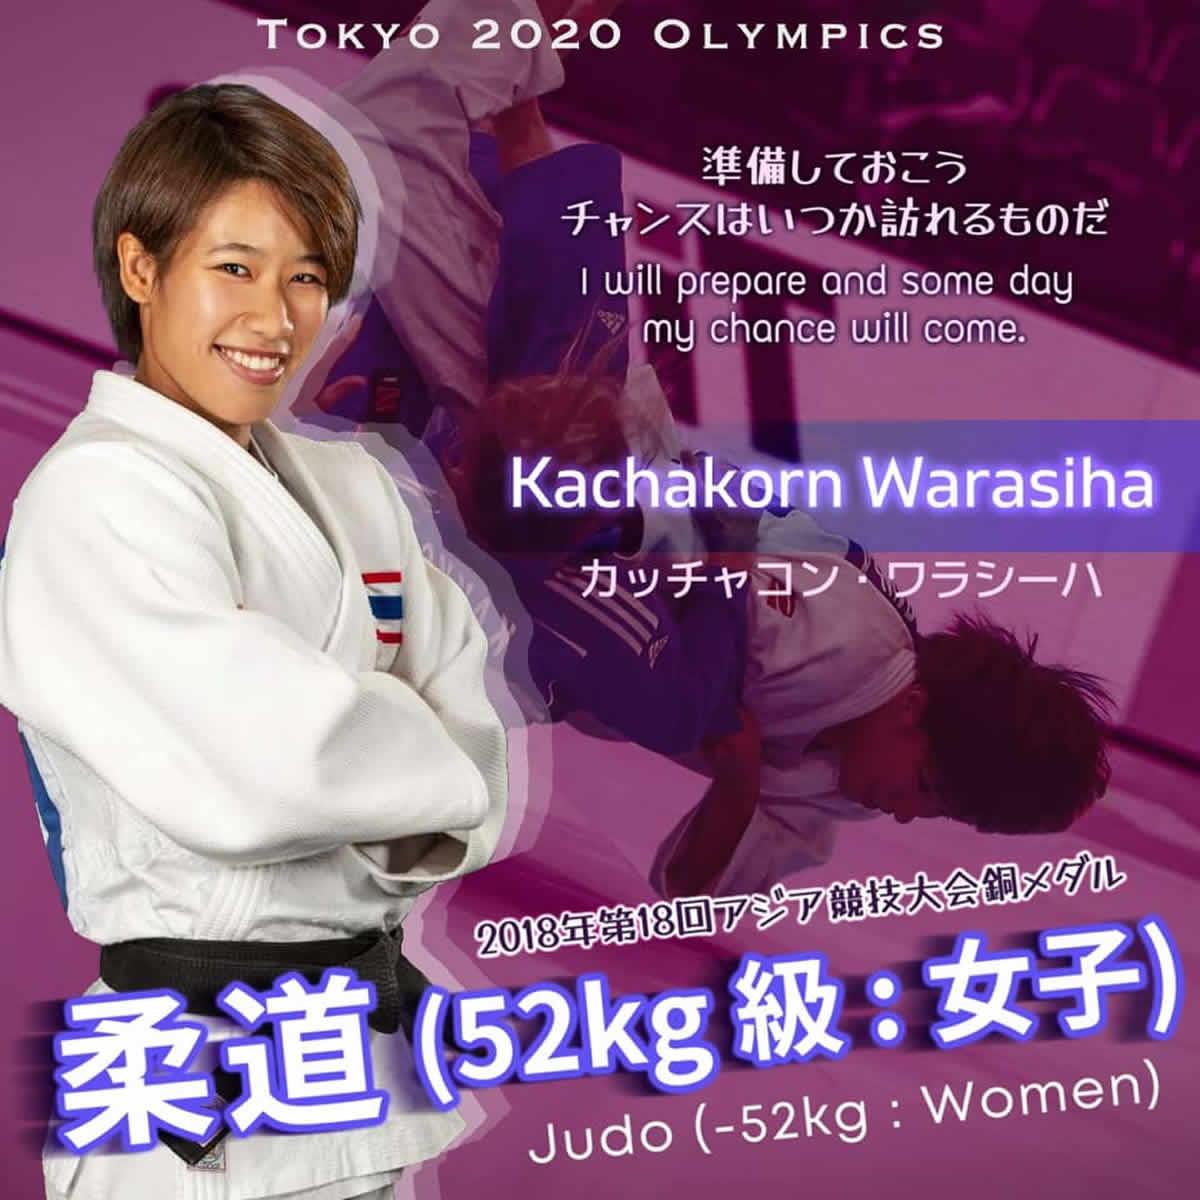 カッチャコン・ワラシーハ(リサ)選手[女子柔道 タイ代表]東京2020オリンピック